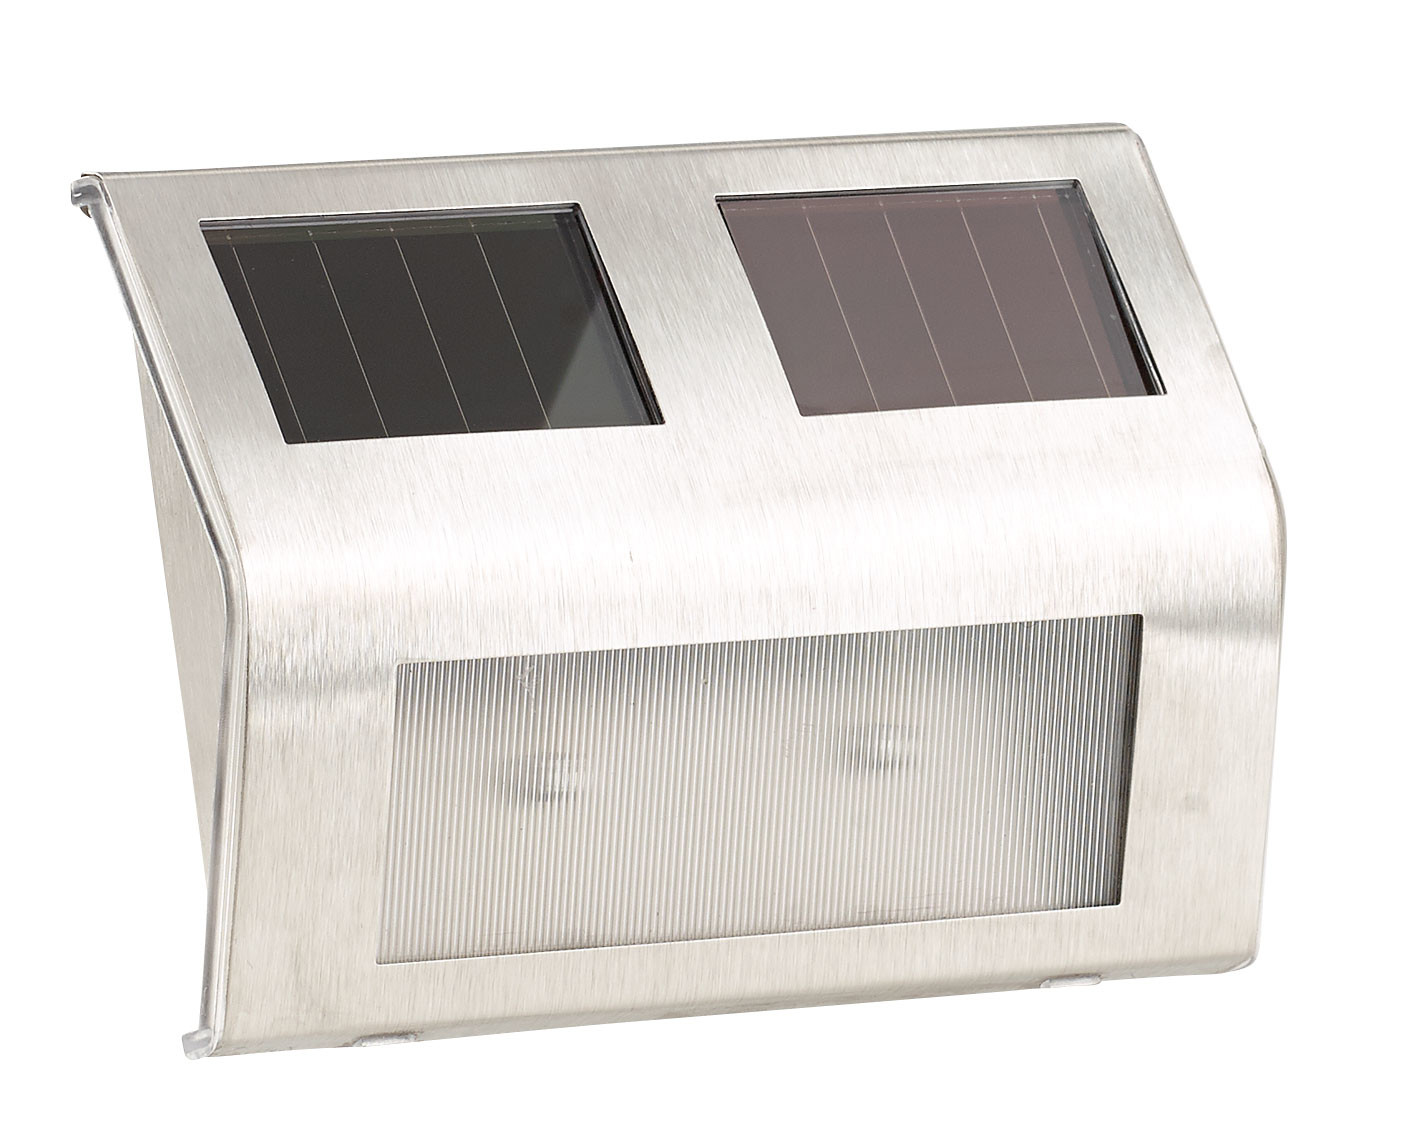 Lampe murale led solaire avec bo tier tanche en inox for Applique exterieur etanche